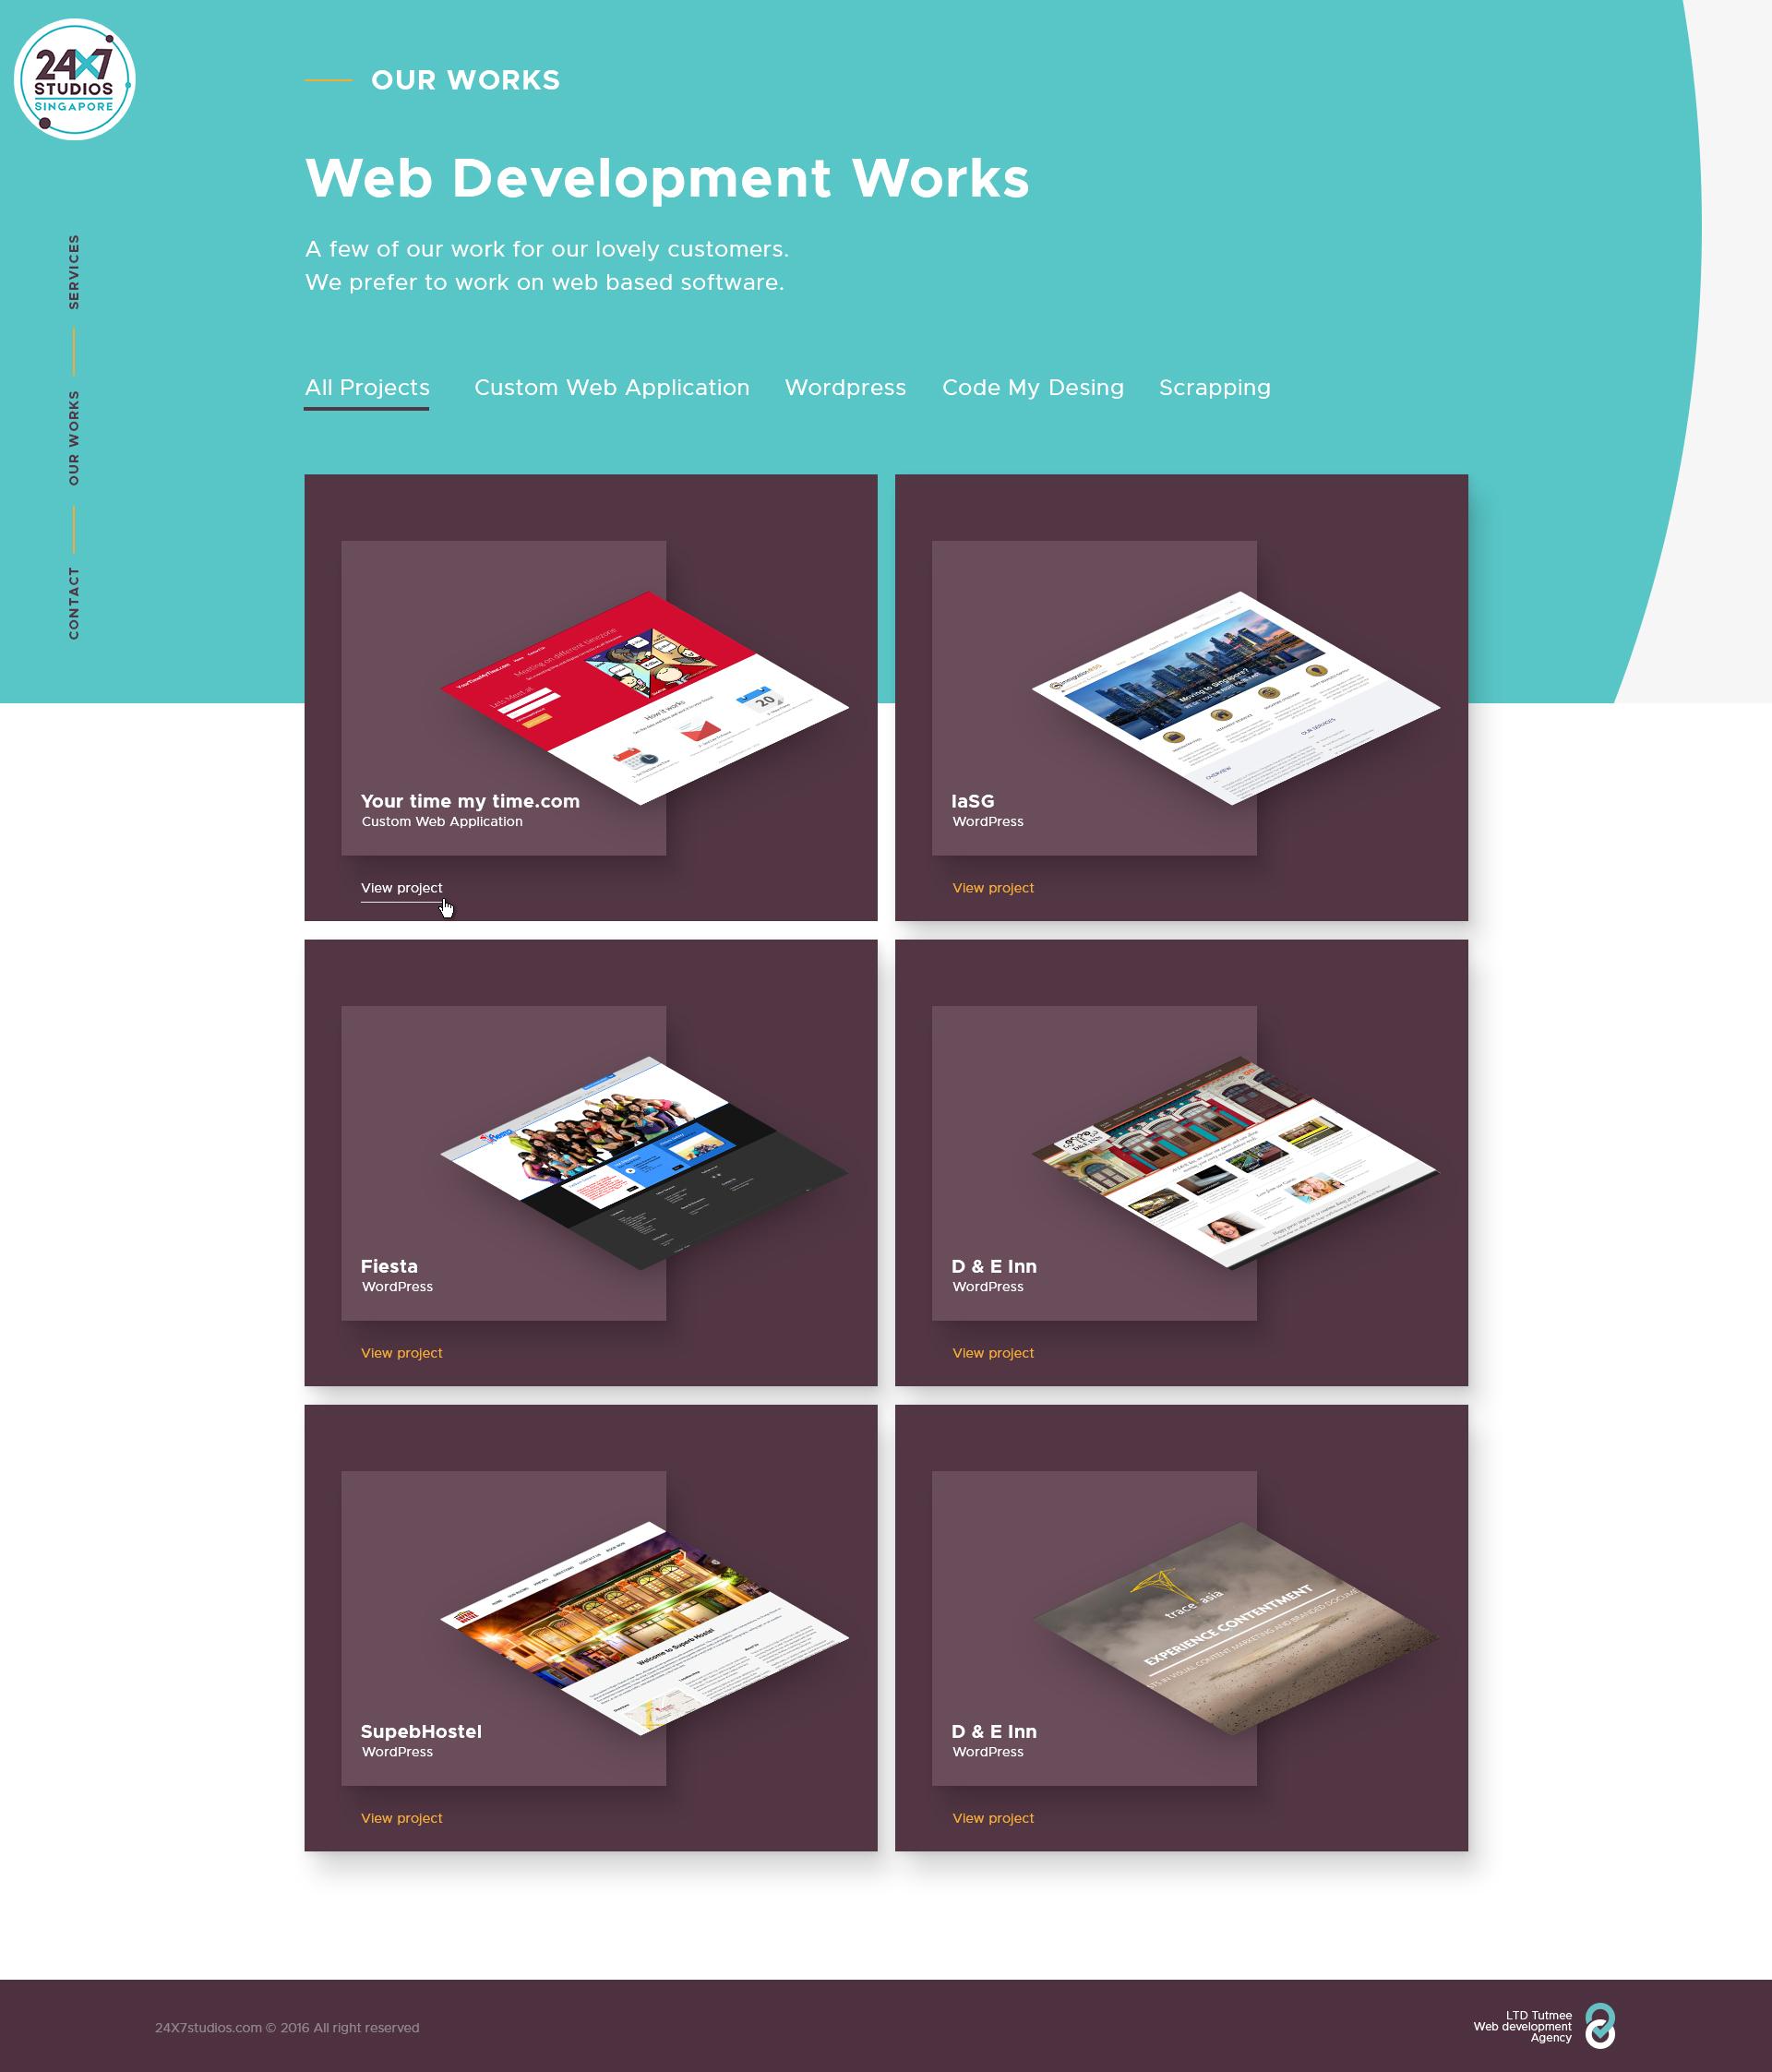 Адаптивный дизайн сайта 24x7studios